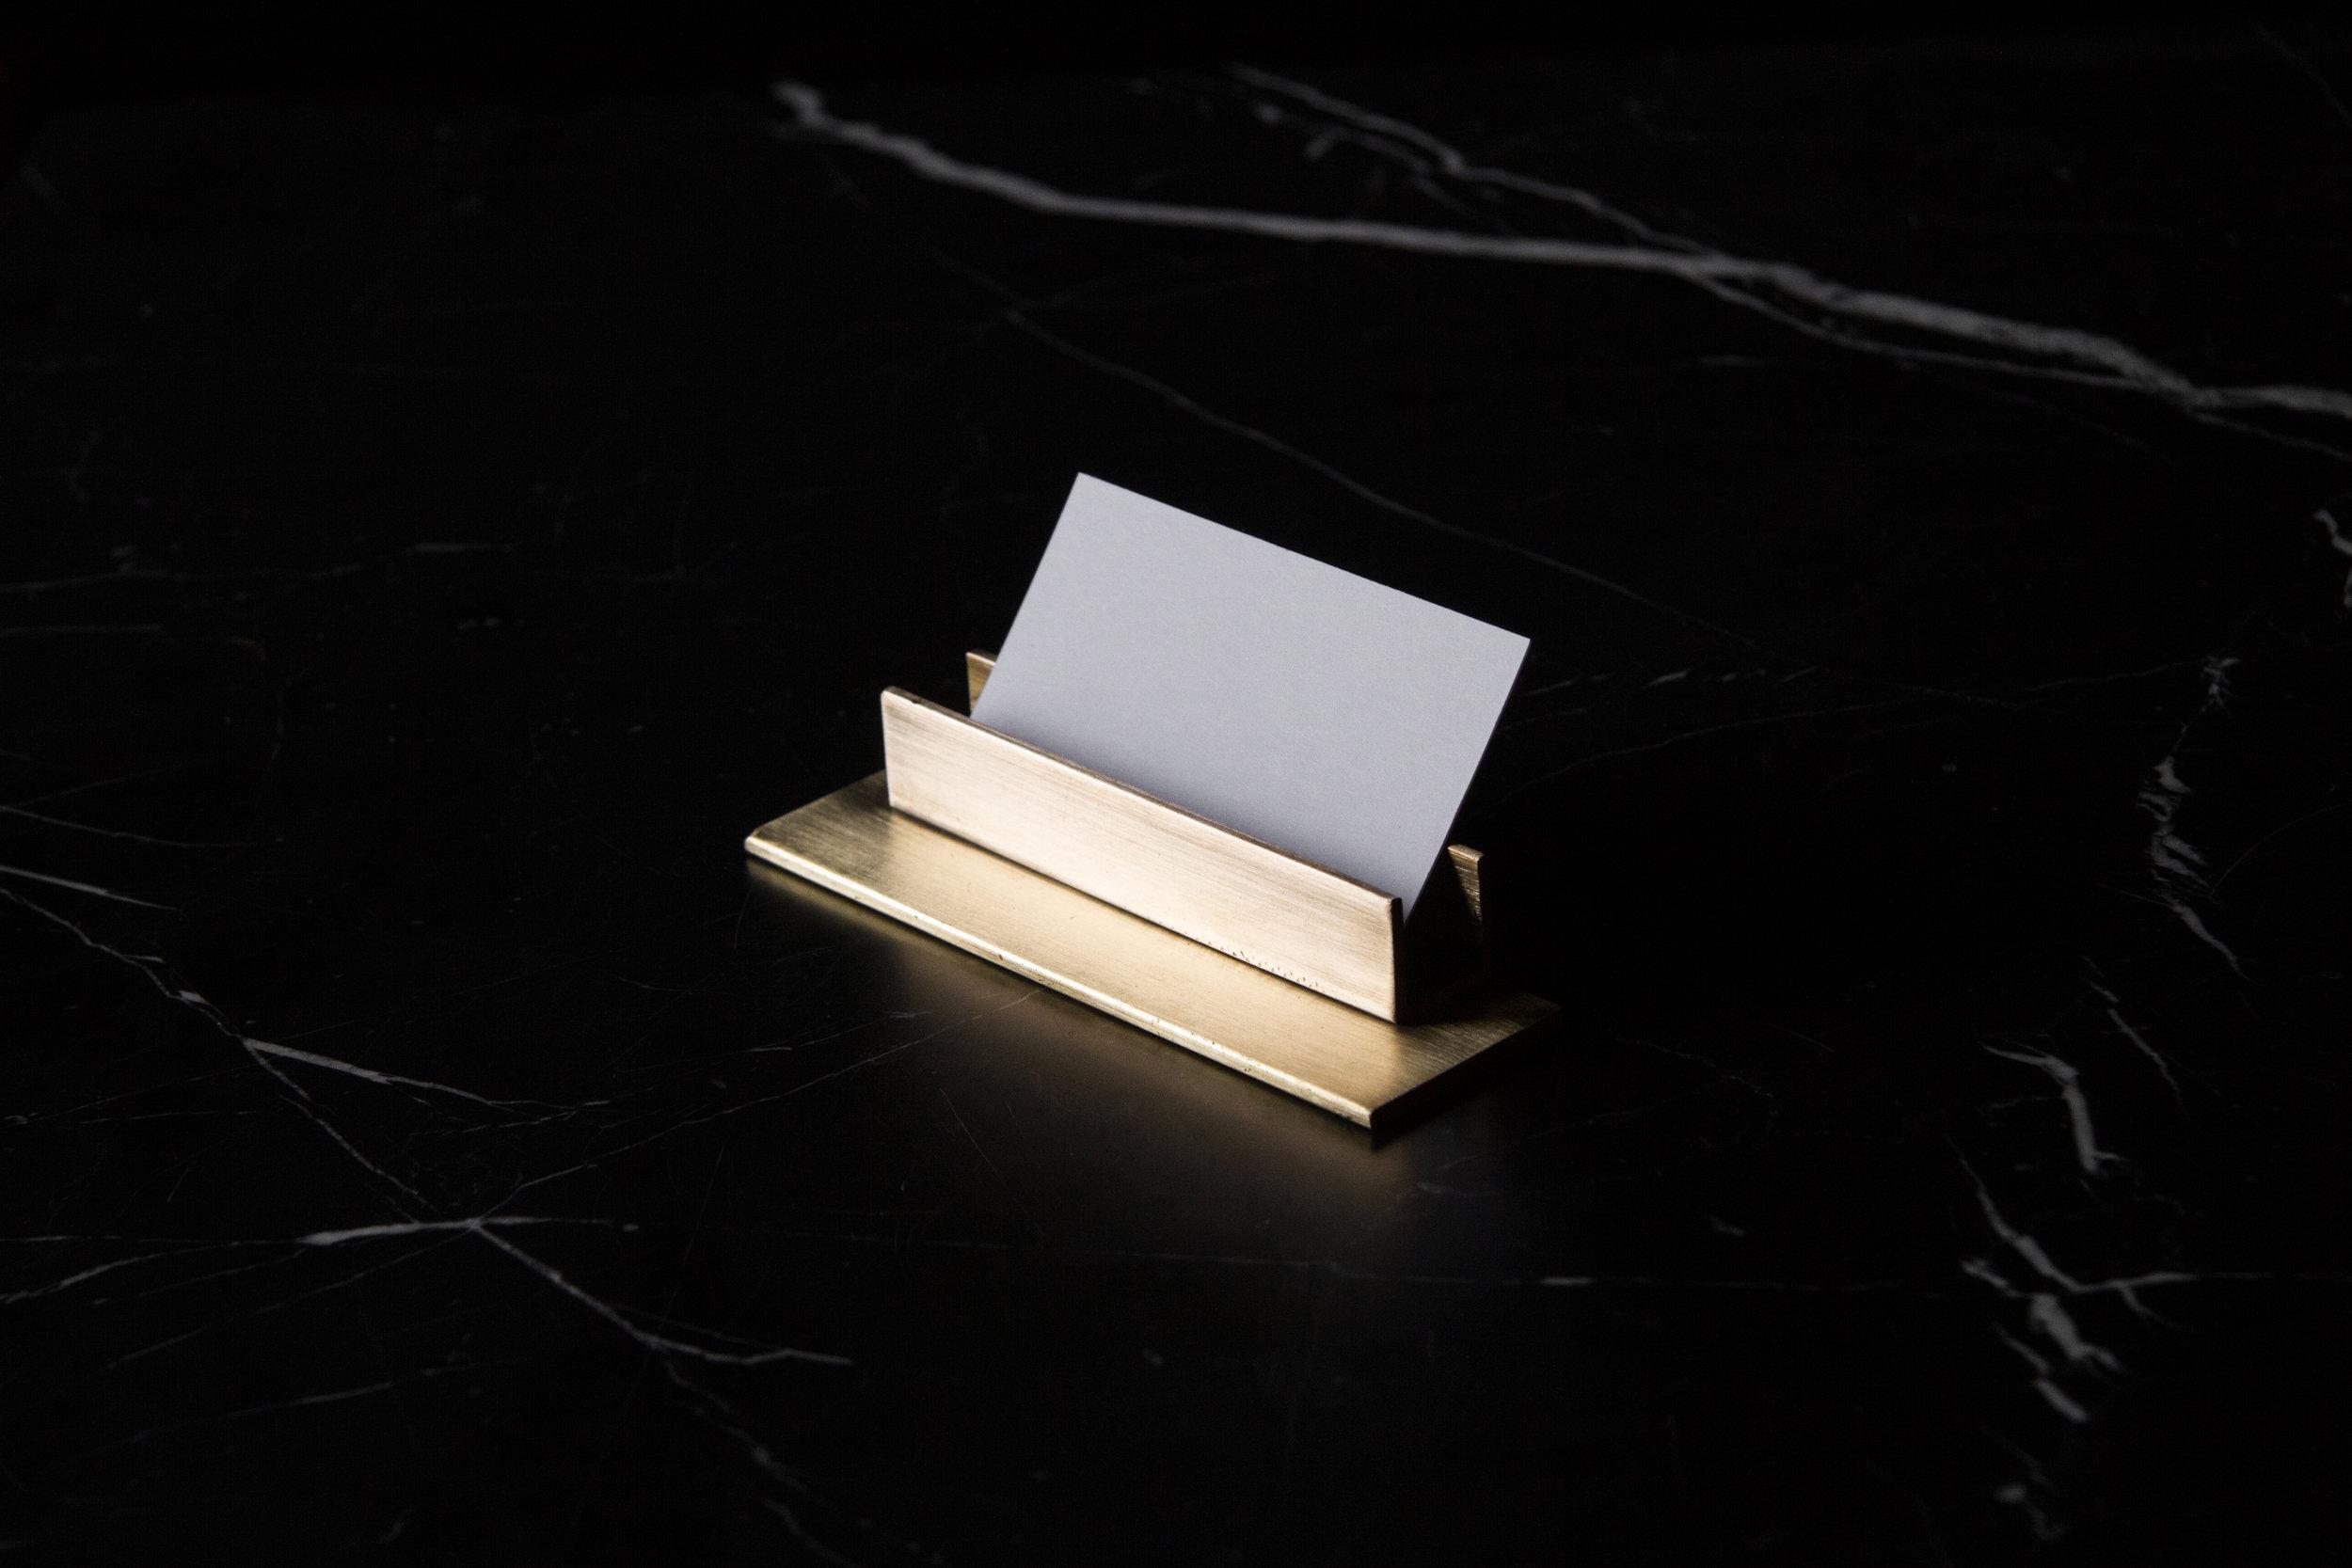 Card-holdr-1.jpeg